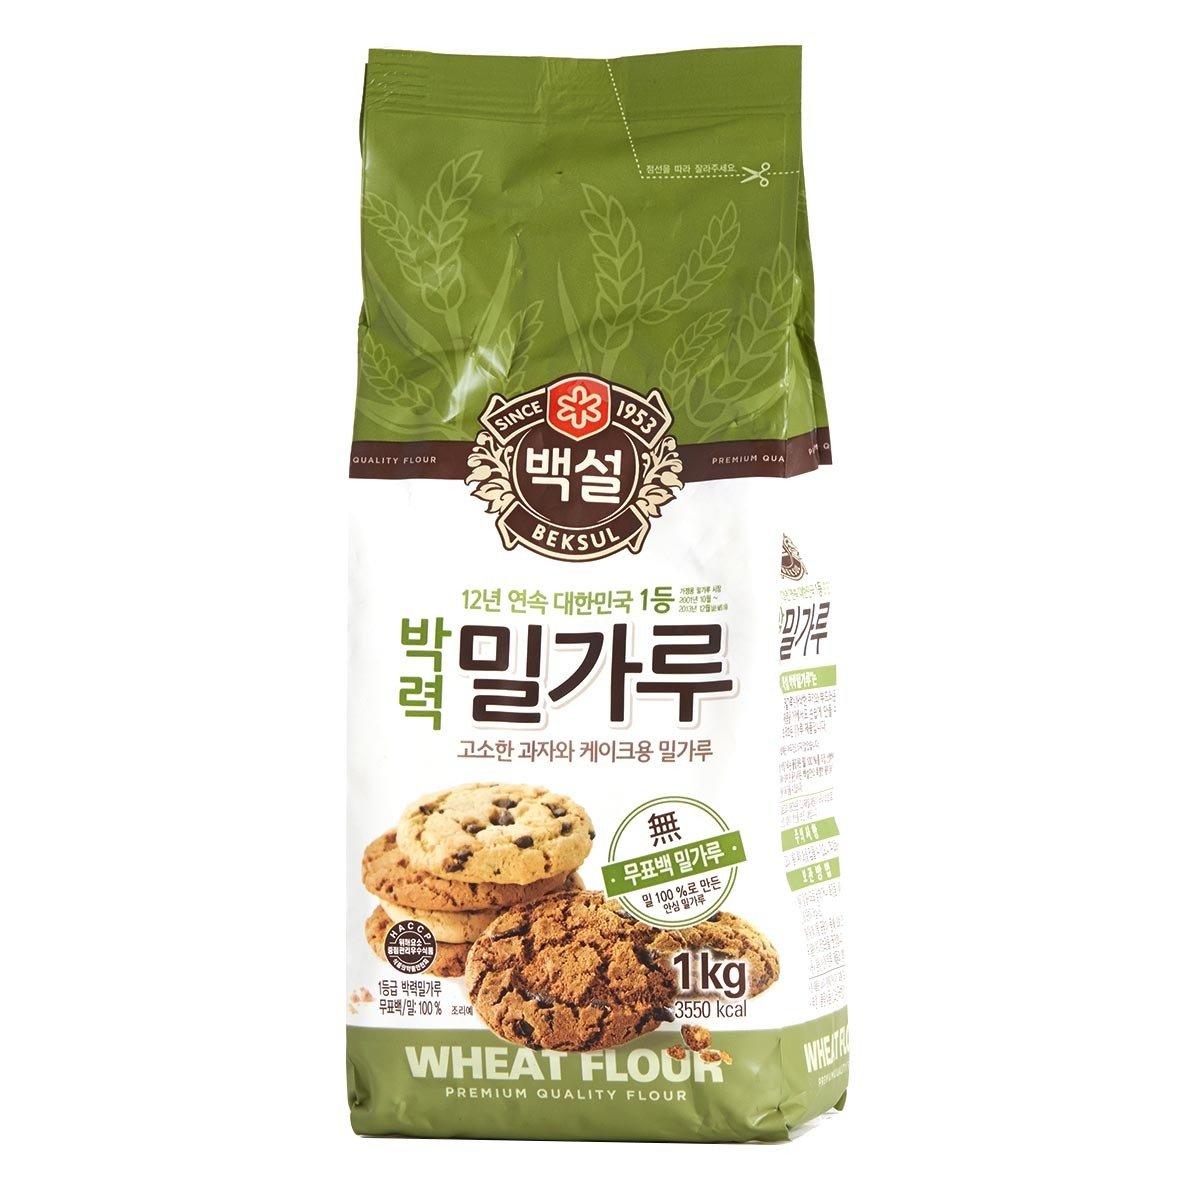 優質小麥粉末 - 低筋 (蛋糕及曲奇麵粉)